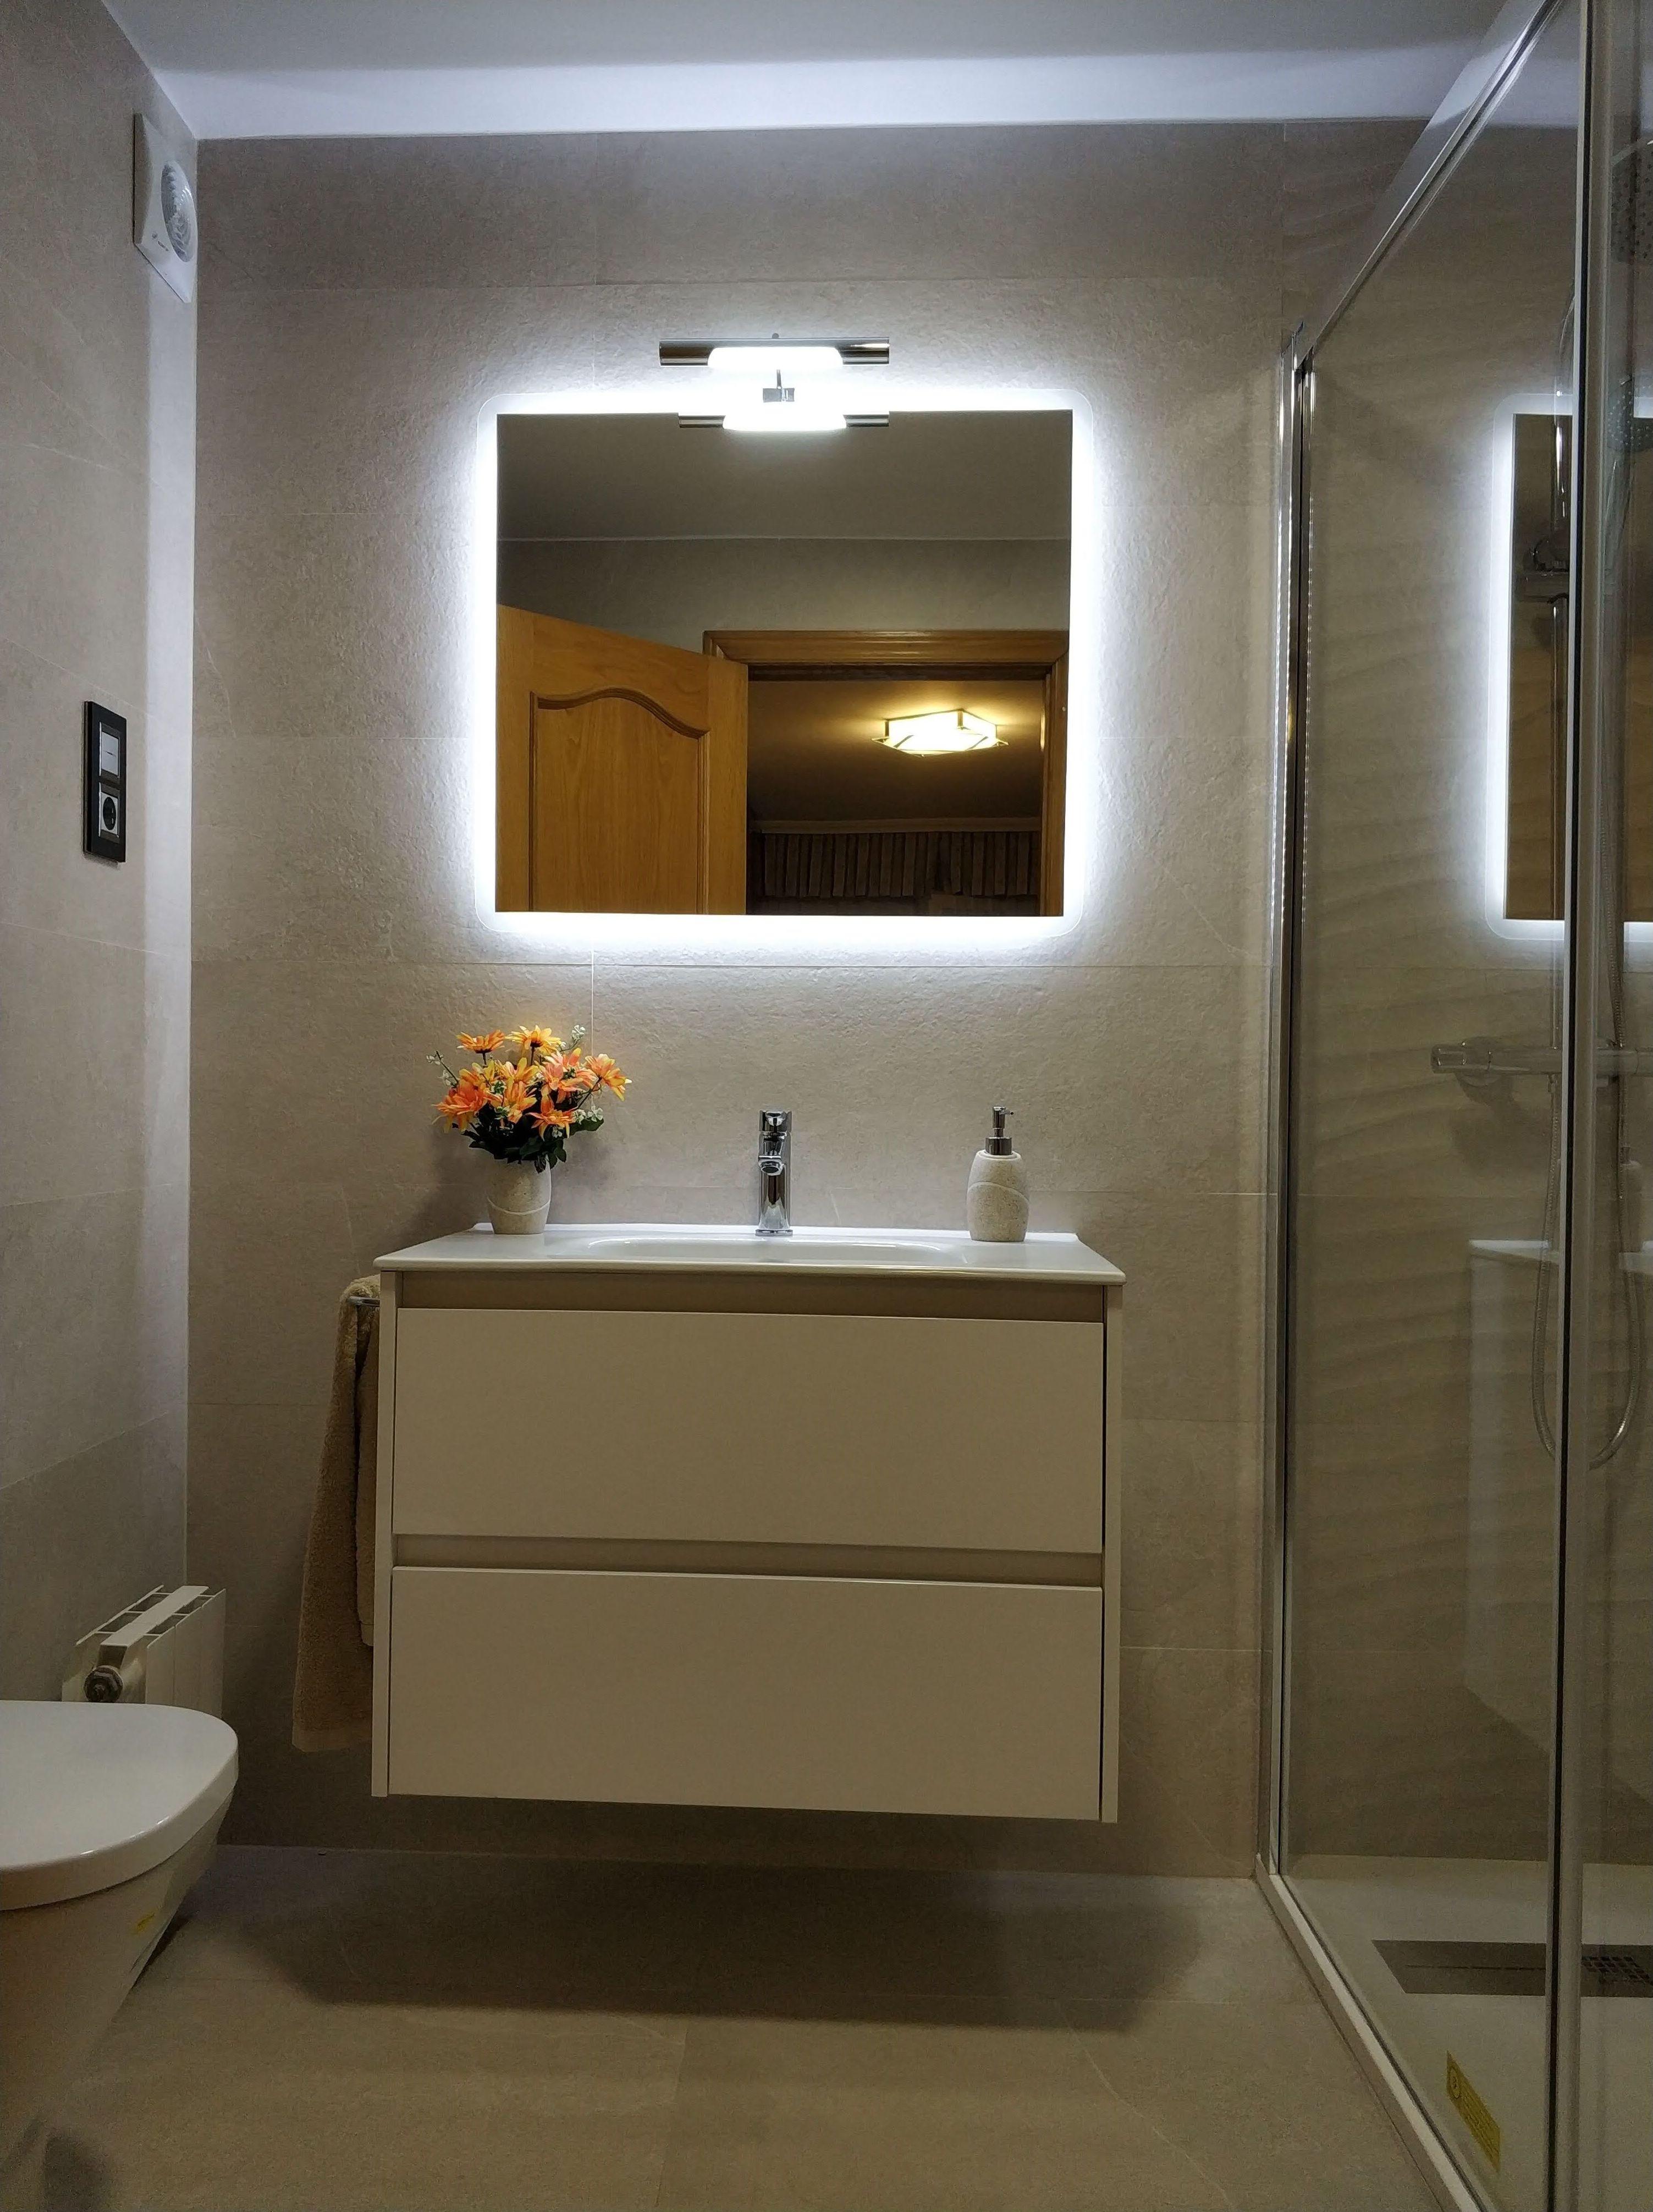 Cuarto de baño en Martorell zona Centro Médico